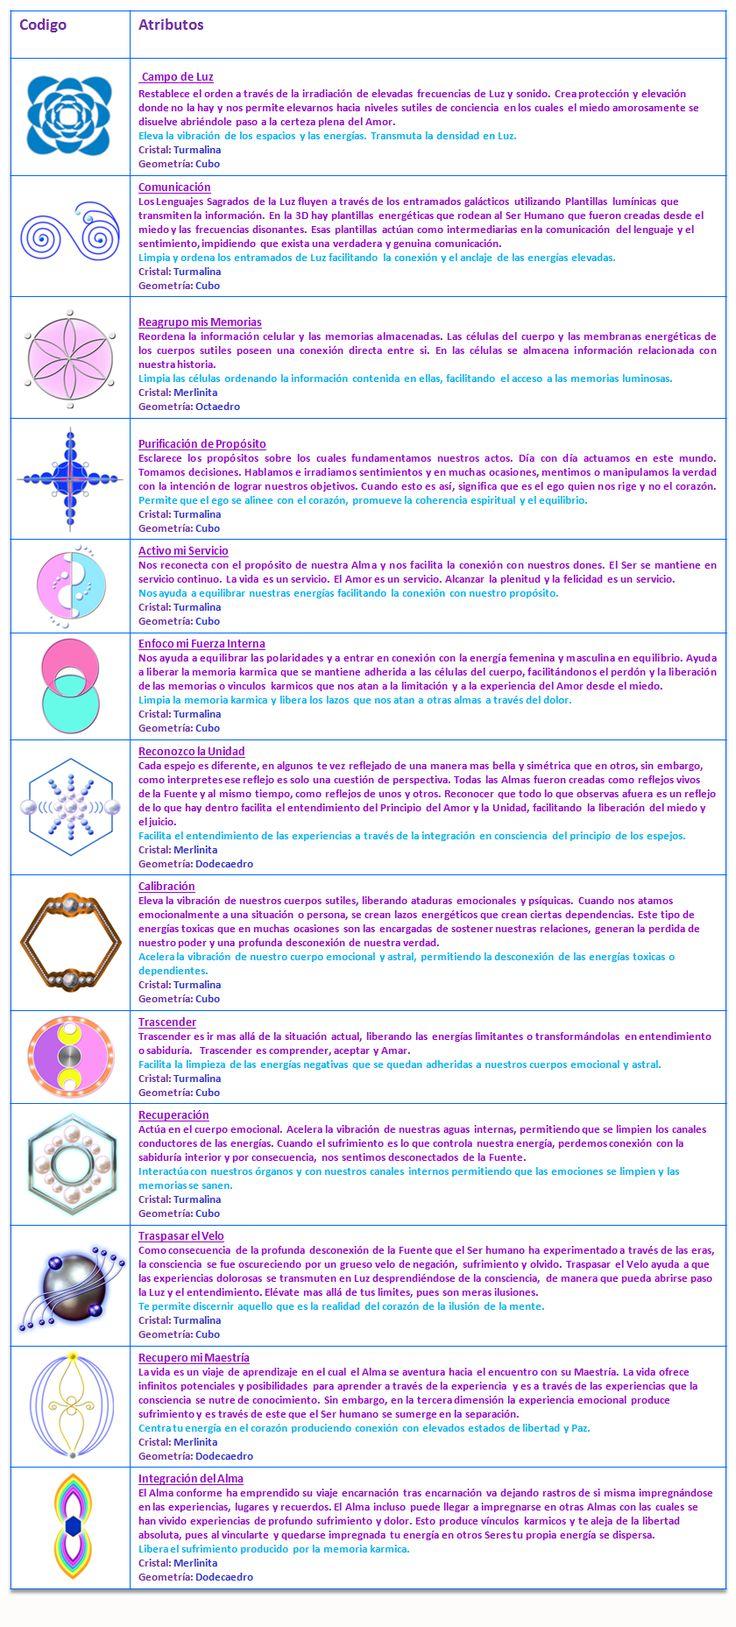 Códigos de Consciencia.- Trabajan limpiando las creencias anidadas en las capas o membranas que interconectan a los cuerpos sutiles con el cuerpo físico. Limpian las 8 células a nivel multidimensional. Permitiendo que se genere una profunda transformación de la consciencia a través de la liberación de condicionamientos y estructuras. Al liberarse lo negativo, la Luz puede comenzar a integrarse amorosamente en la consciencia. Estos Códigos de Luz contribuyen a la integración amorosa del ego…